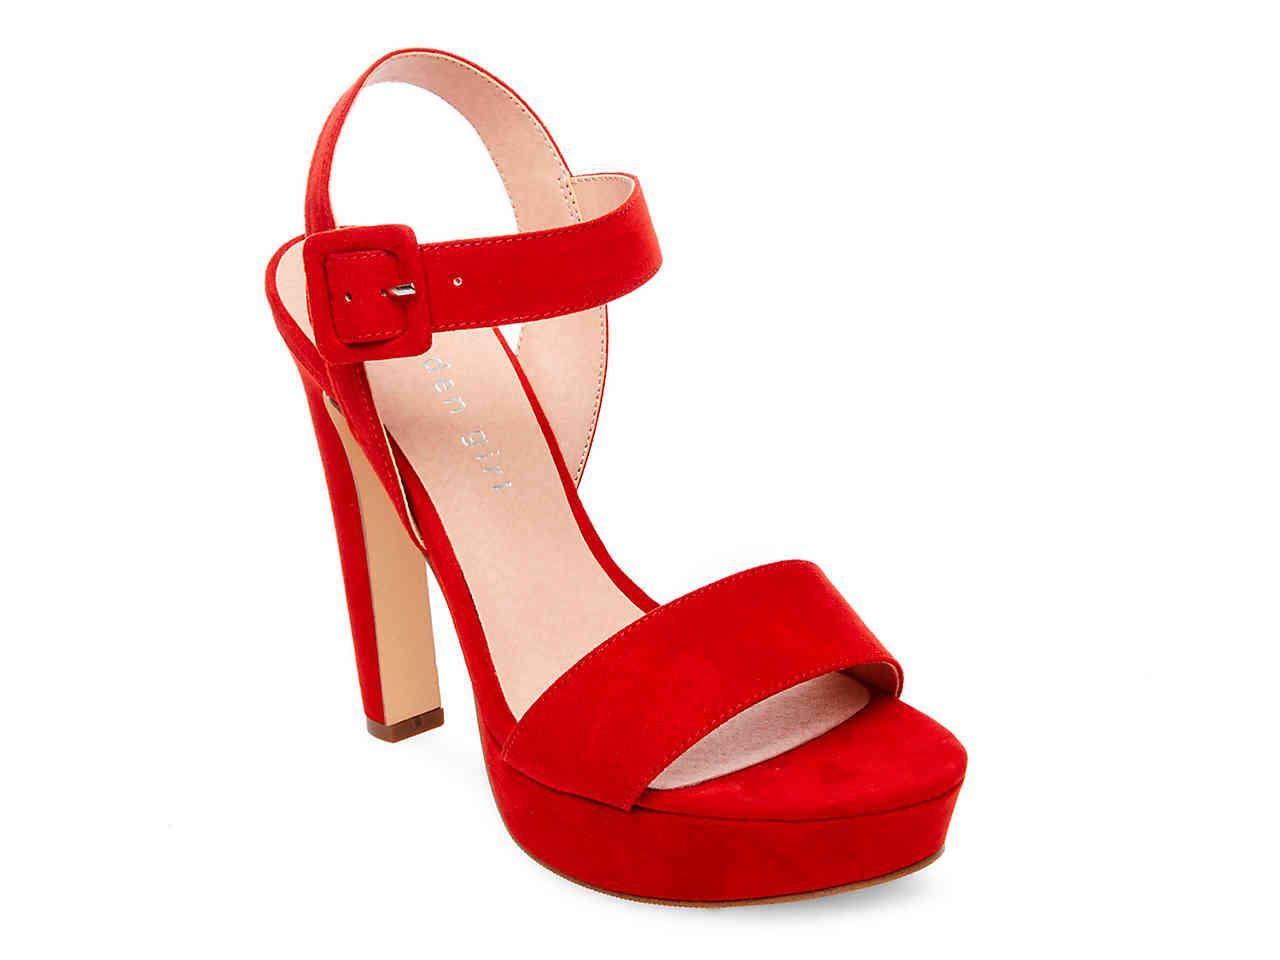 Madden Girl Rollo Embellished Platform Dress Sandals QlK6F6K9KH